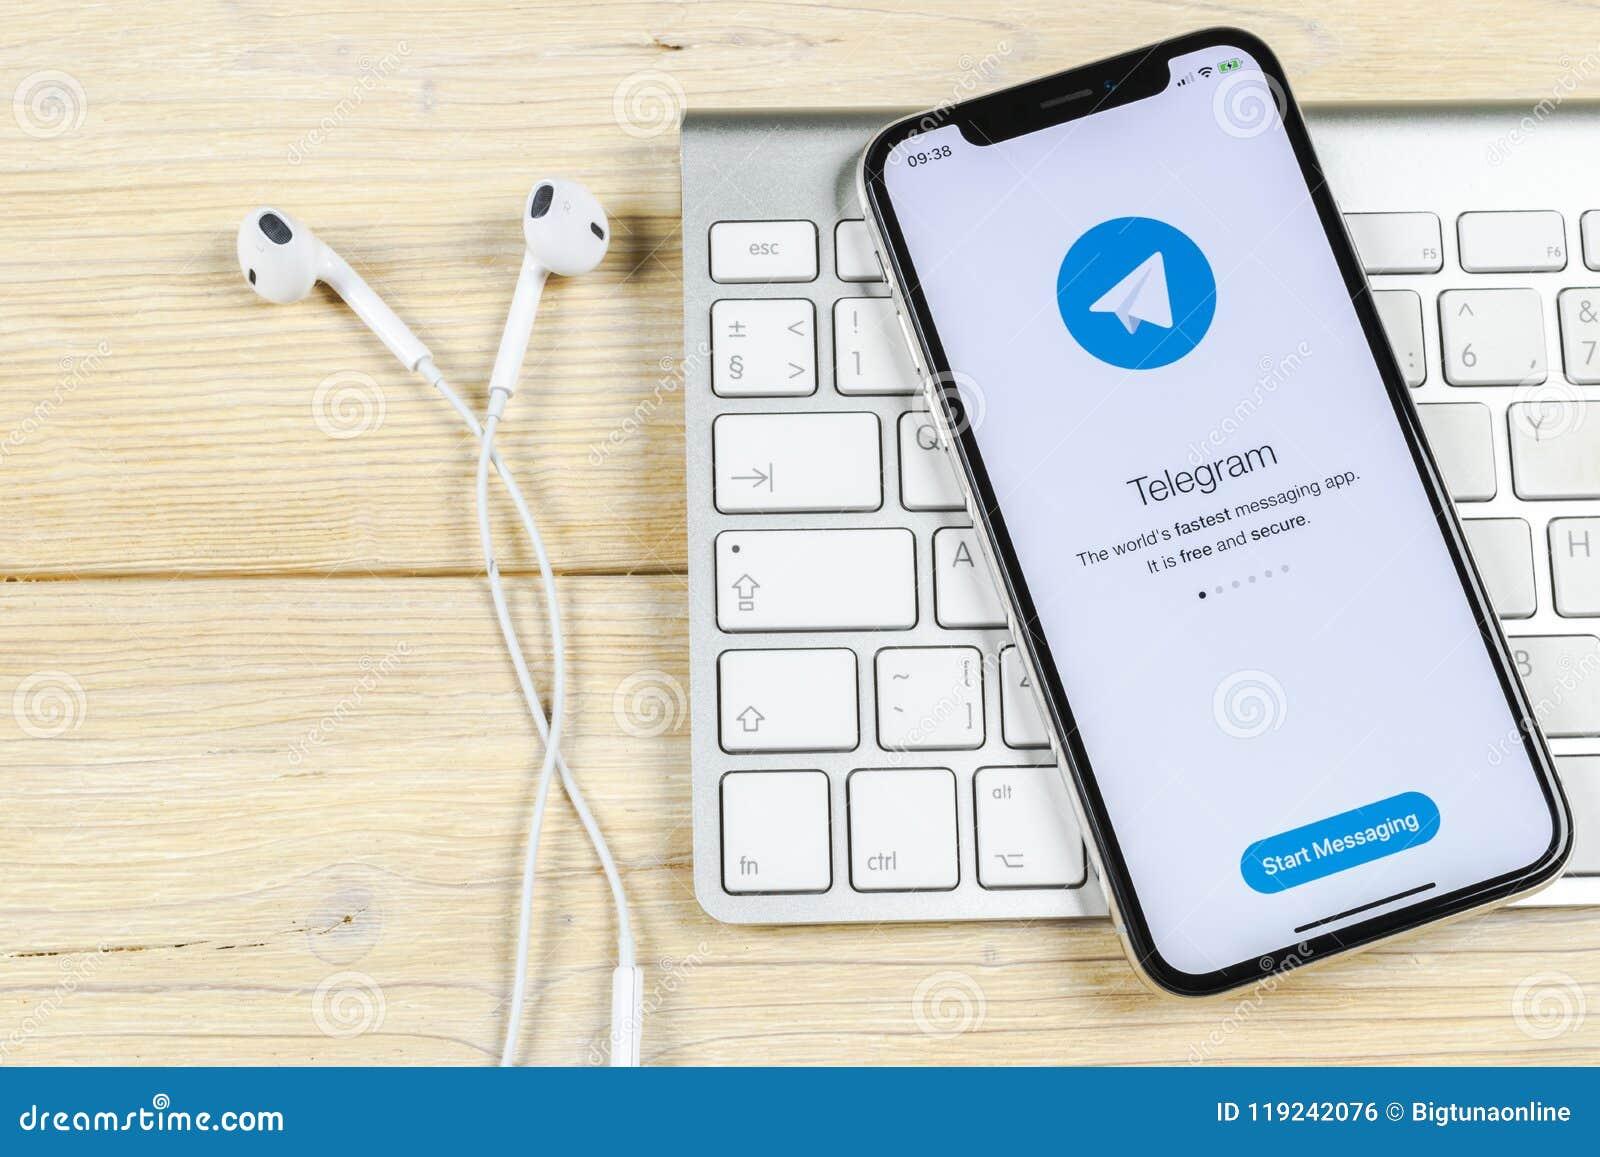 telegram app for iphone x